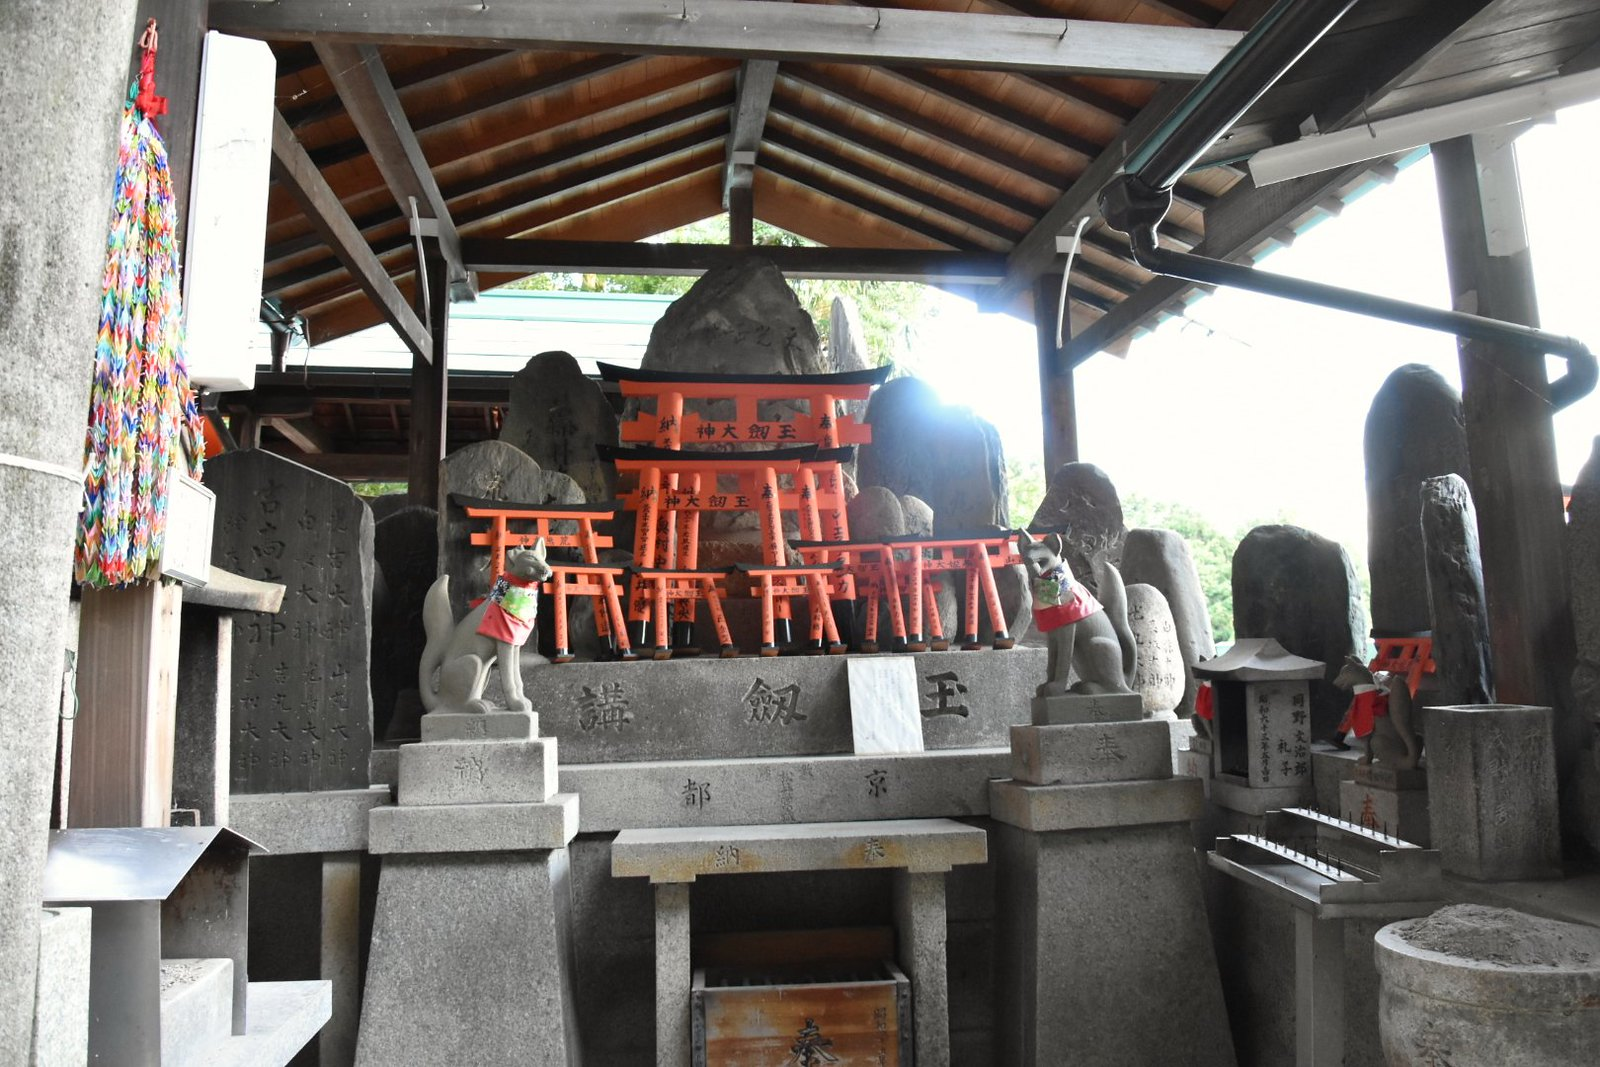 Kyôtô - Fushimi Inari